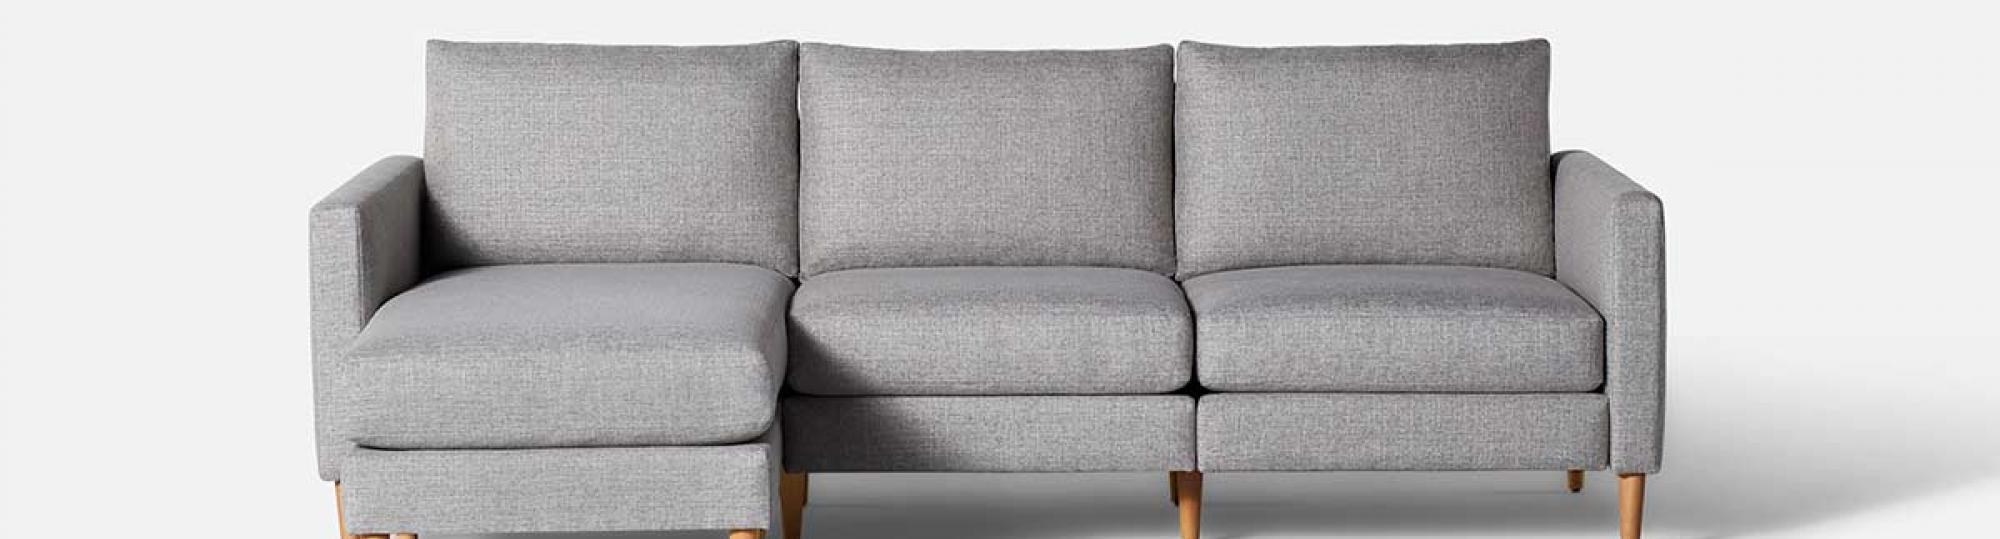 Allform Furniture